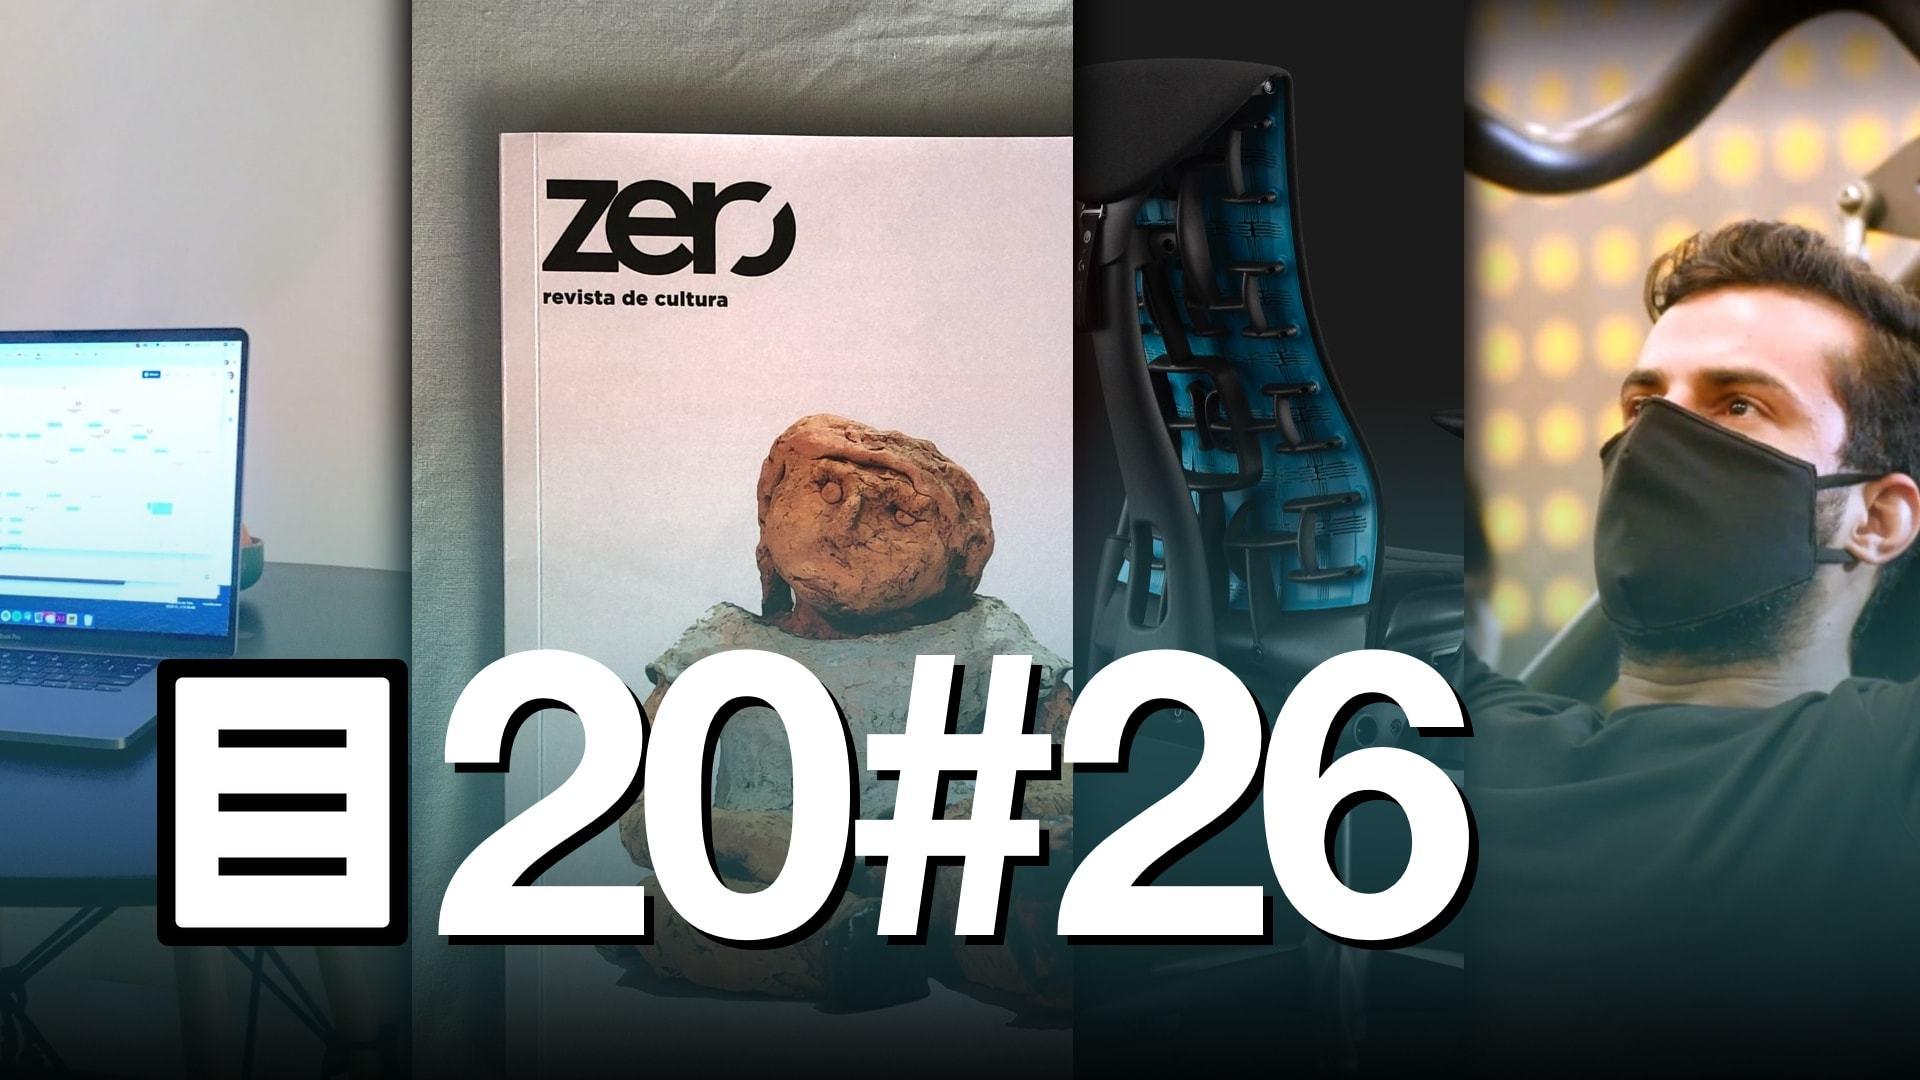 Edição 20#26